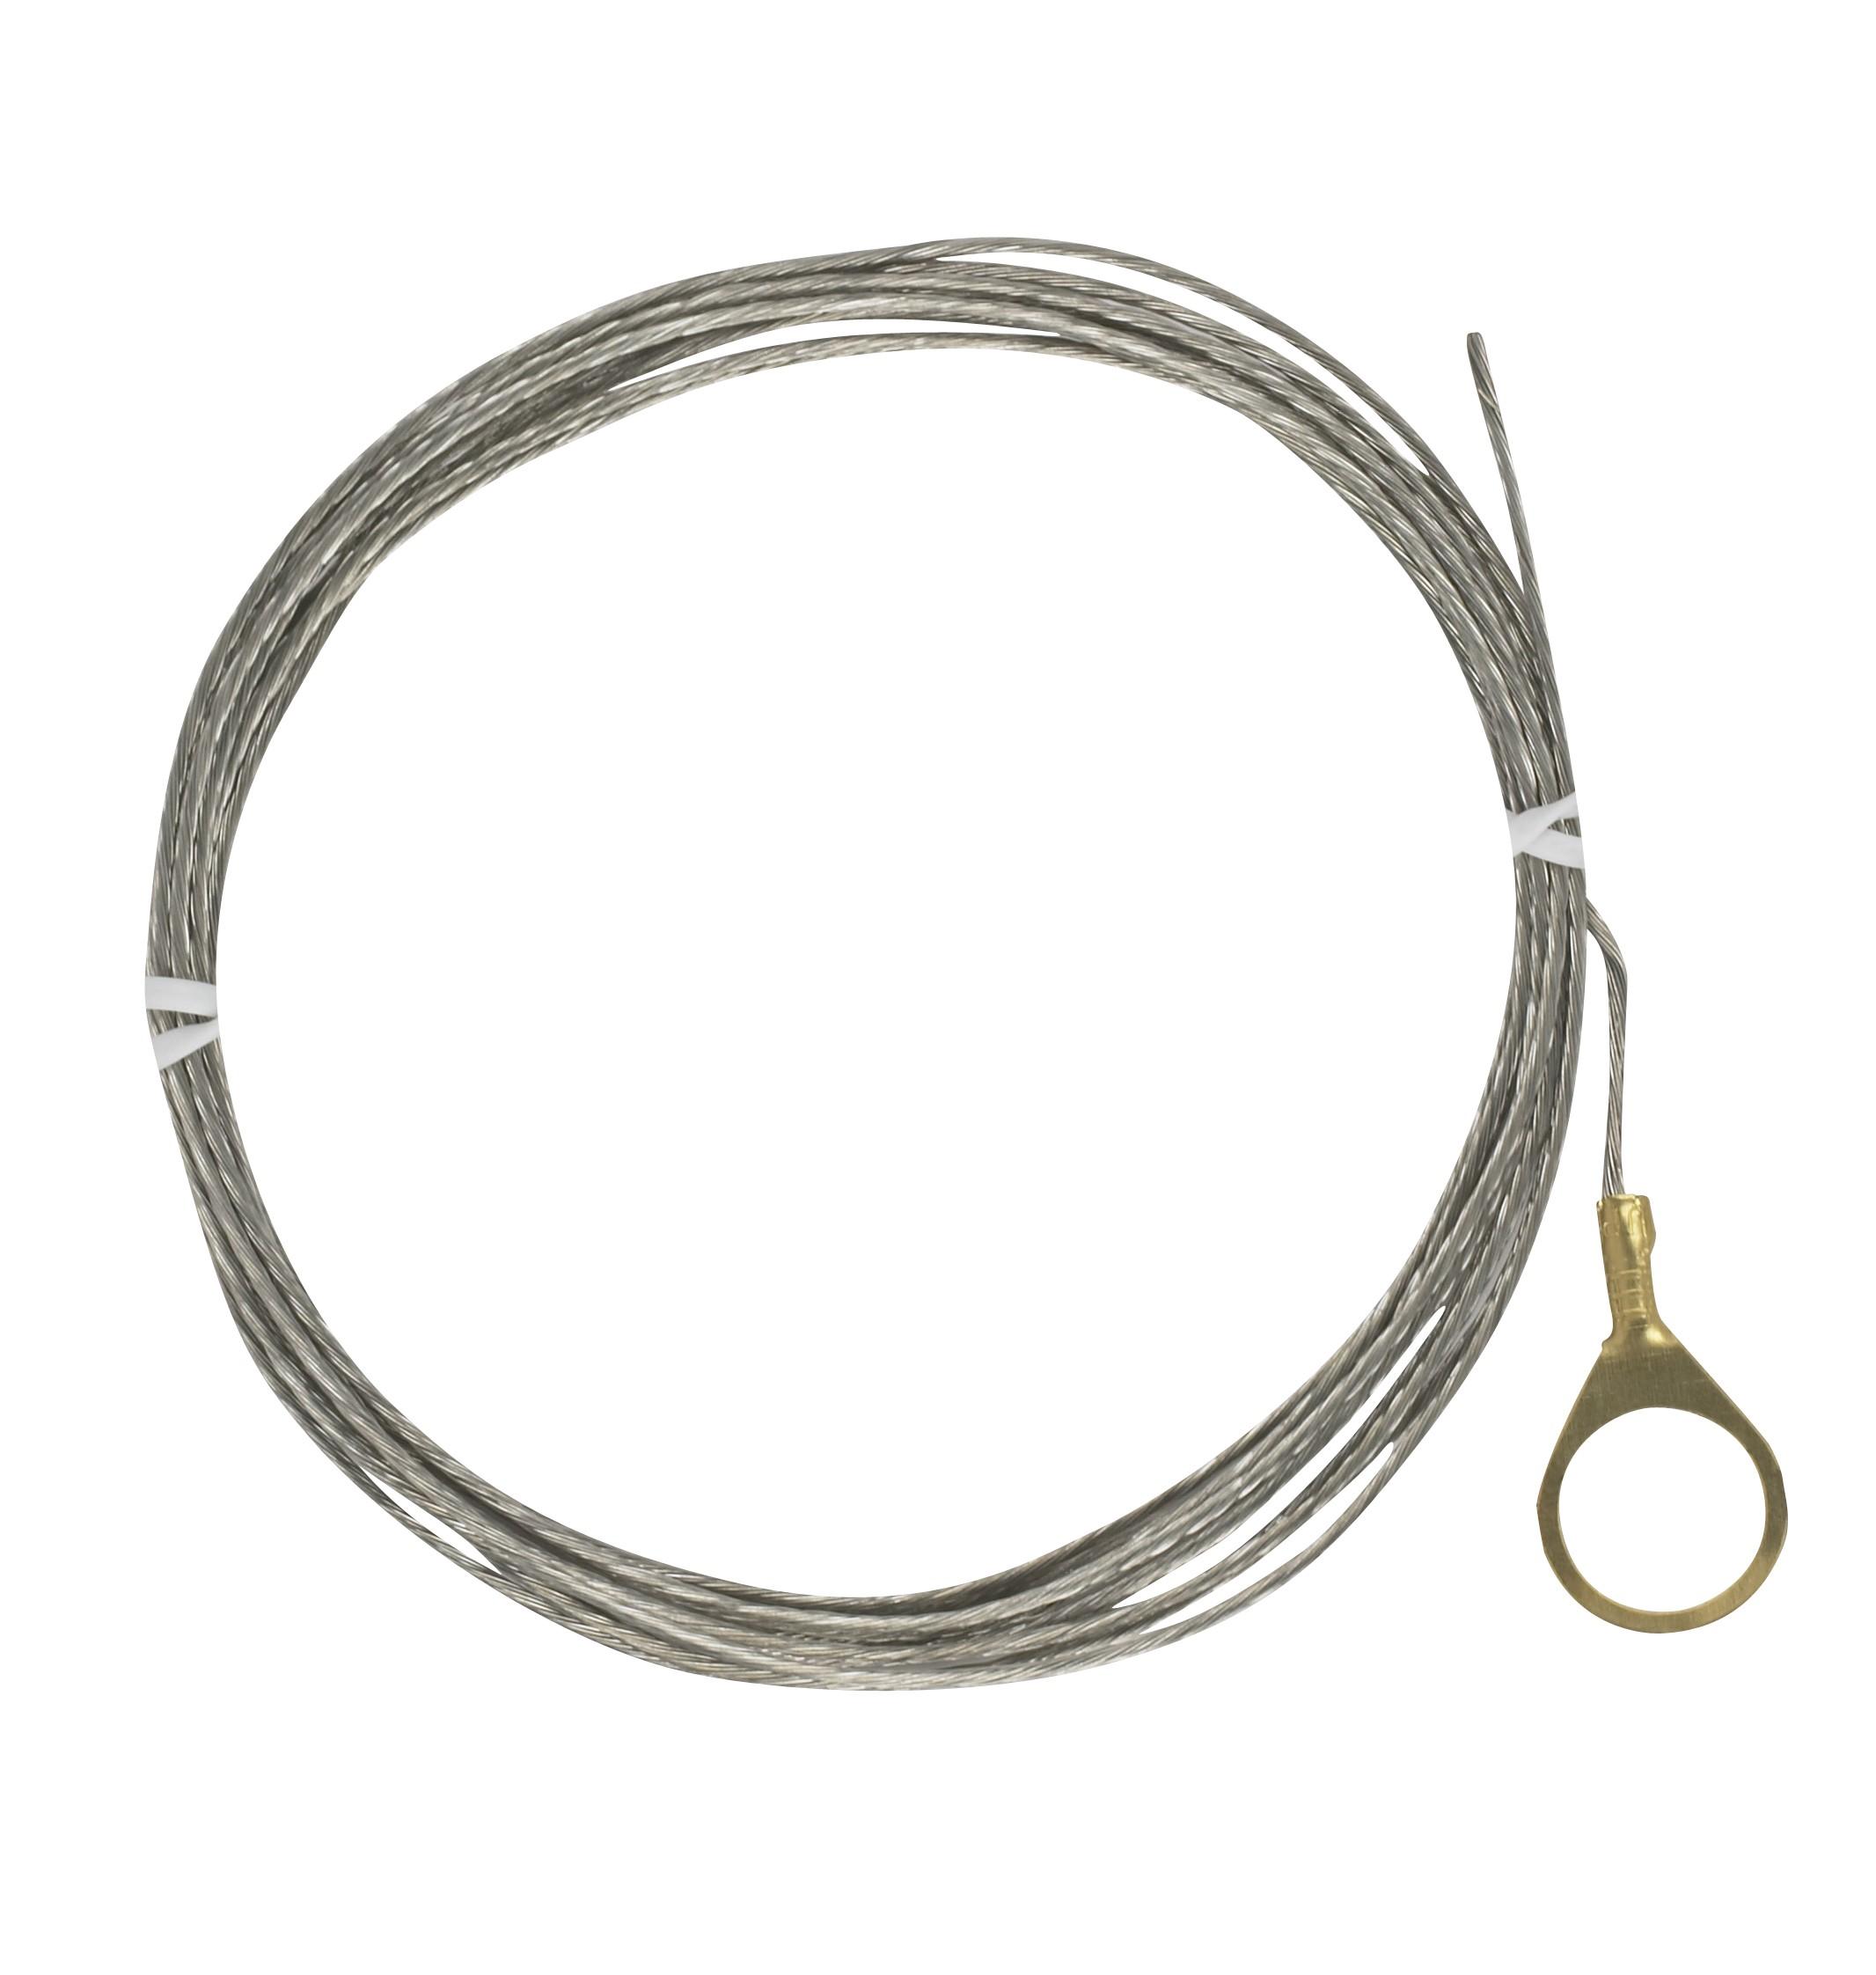 Satco 93 325 1 4 Ip Round Ground Lug With 10ft 18 1 Tinned